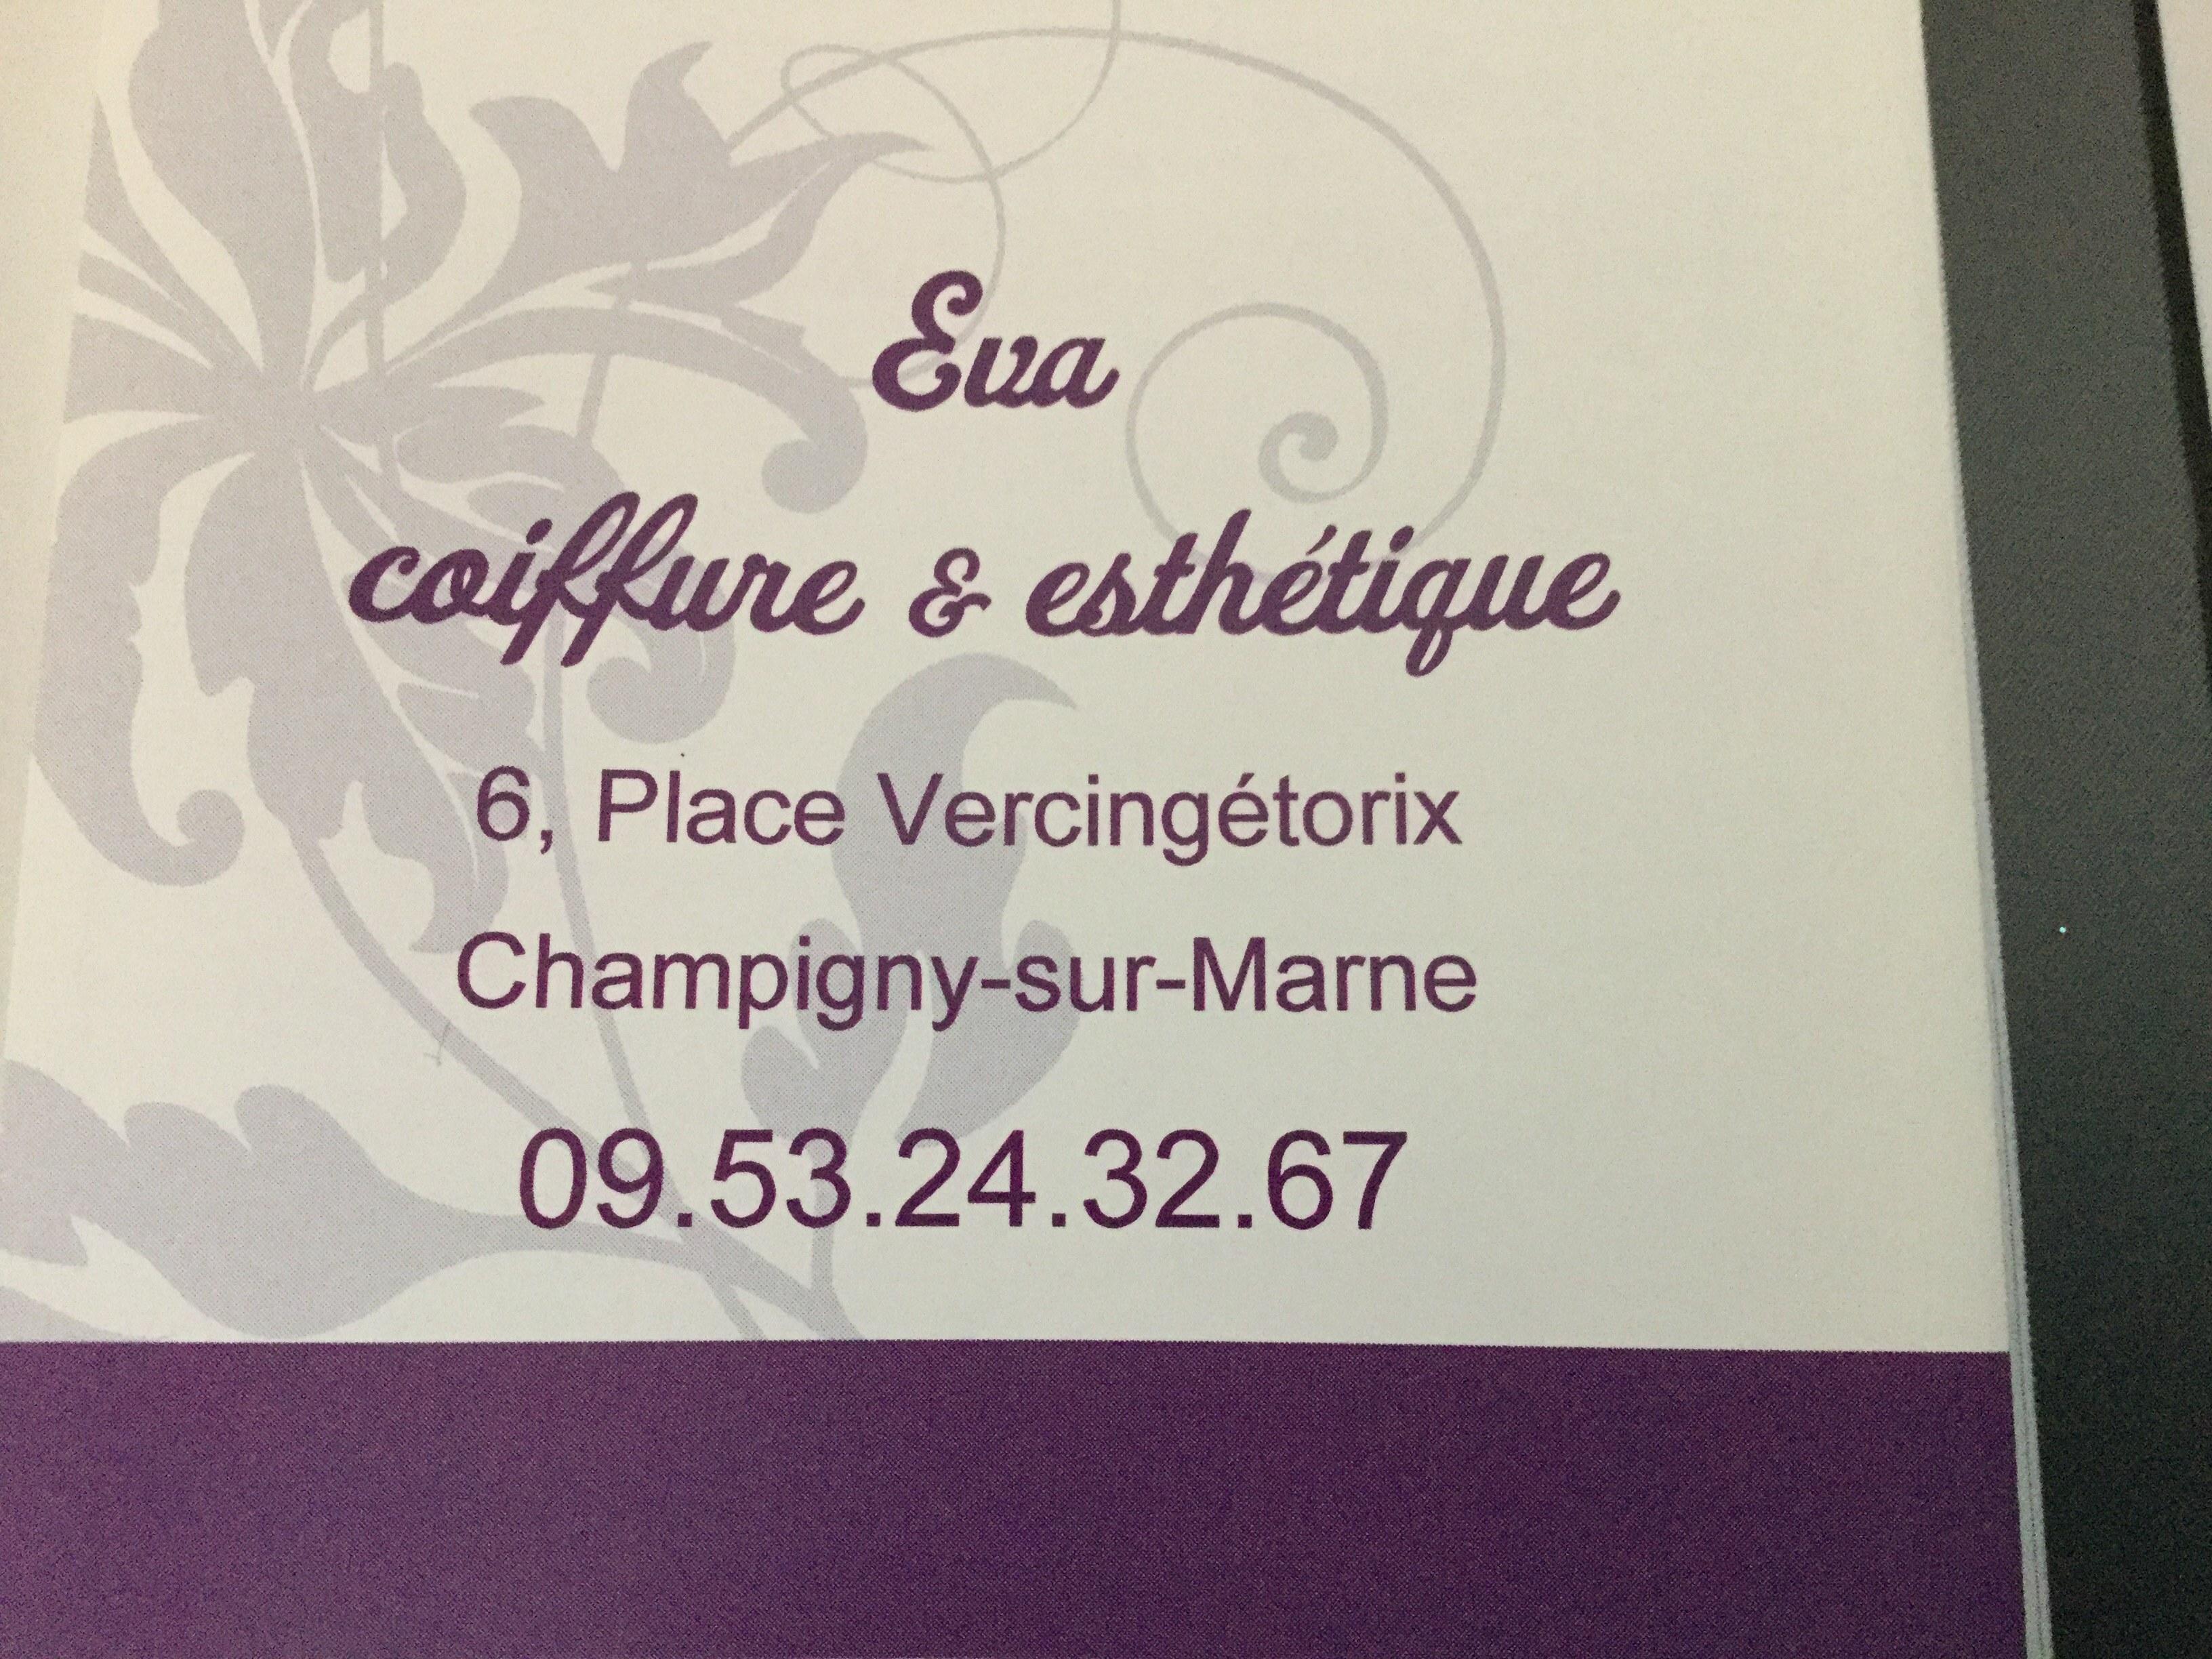 EVA COIFFURE - Place Vercingétorix